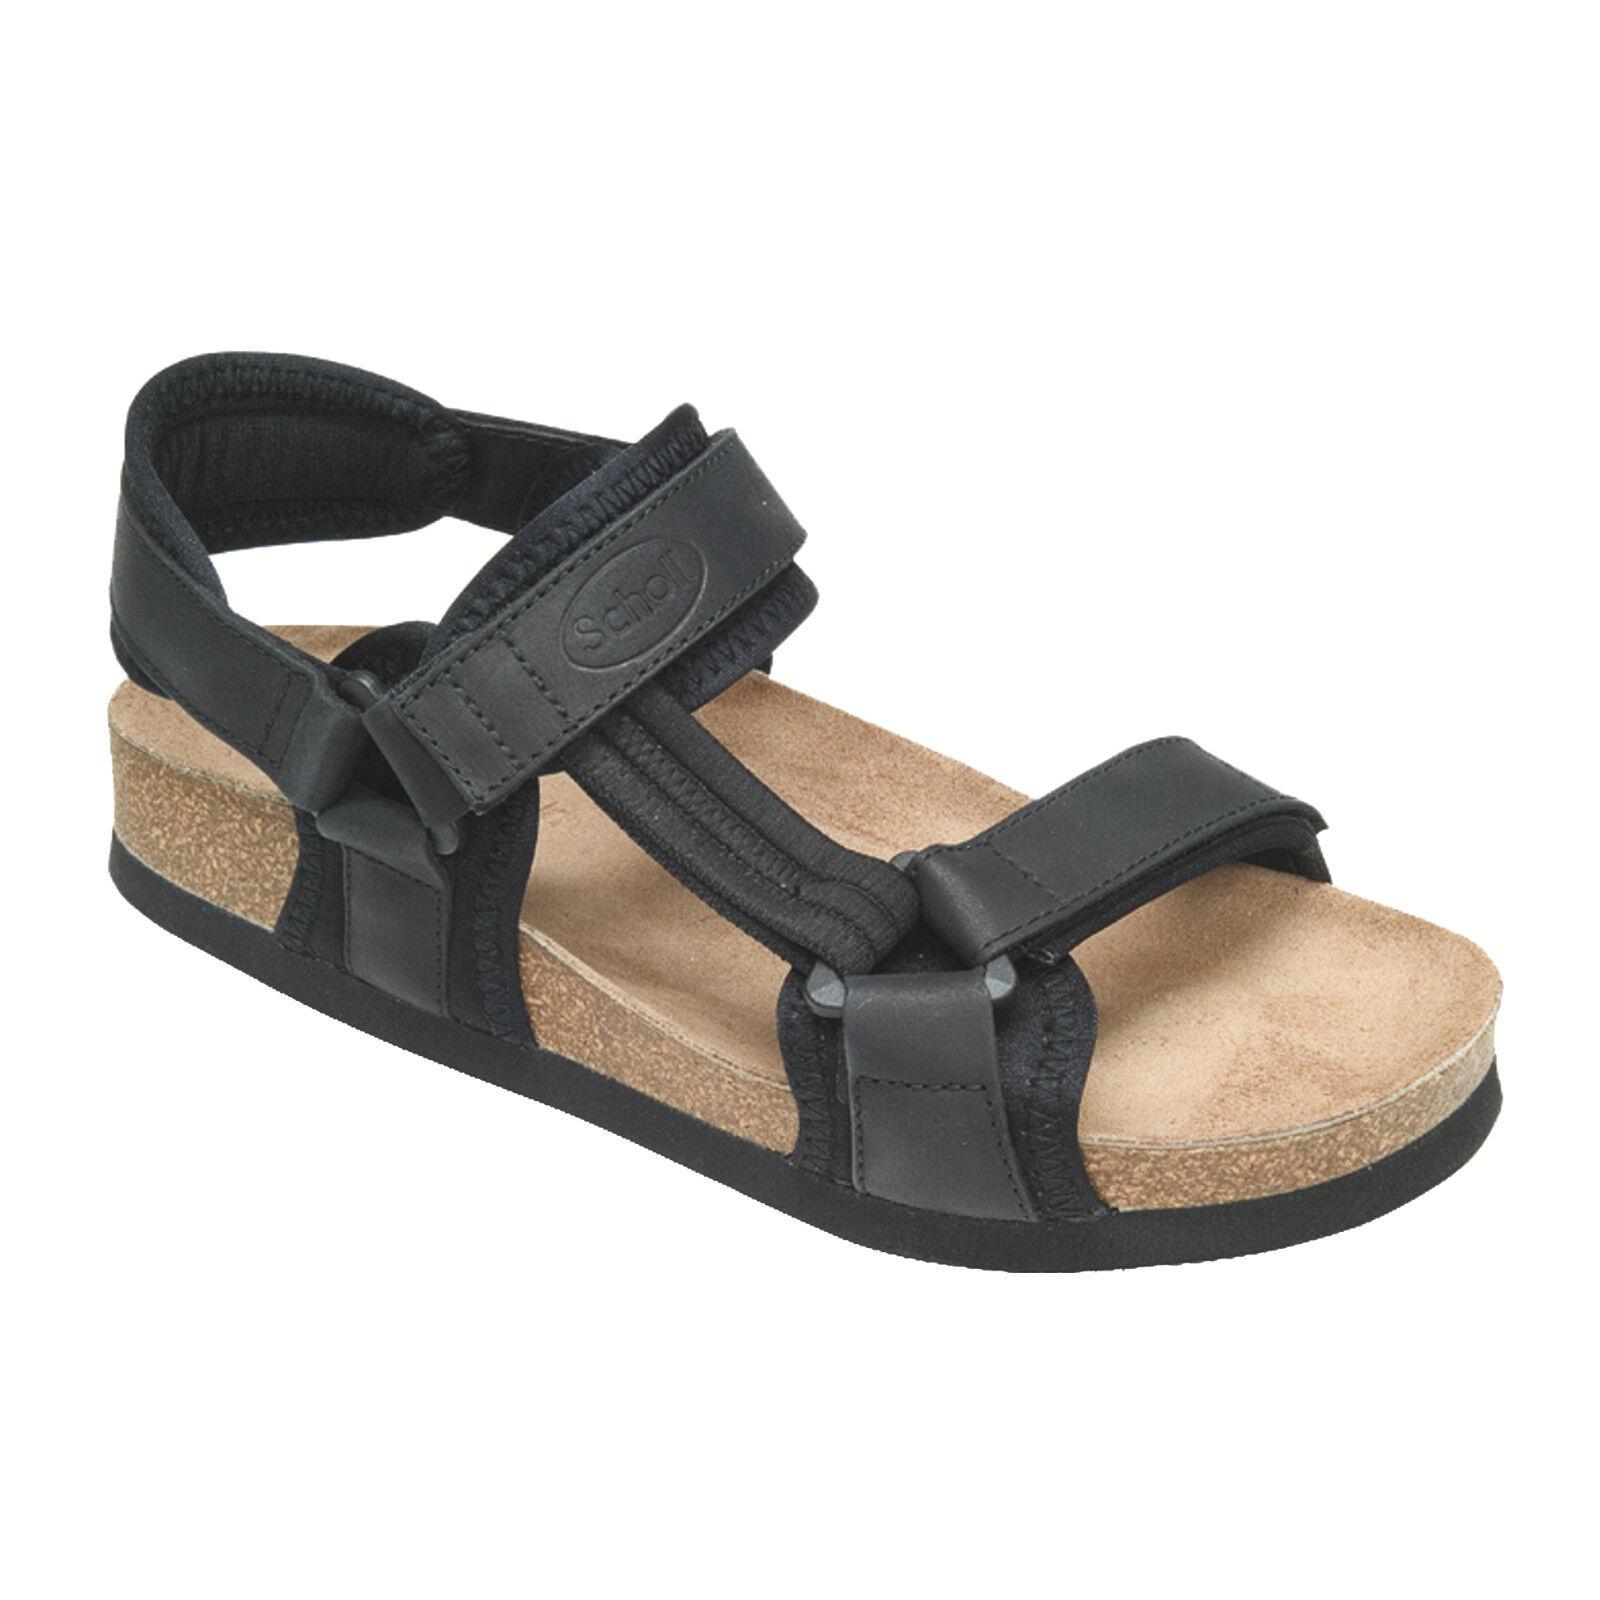 Scholl bioprint ny ny ny Track Man Sandals 35 3637 38 39 40 41 42 43 44 45 46  lycklig shopping